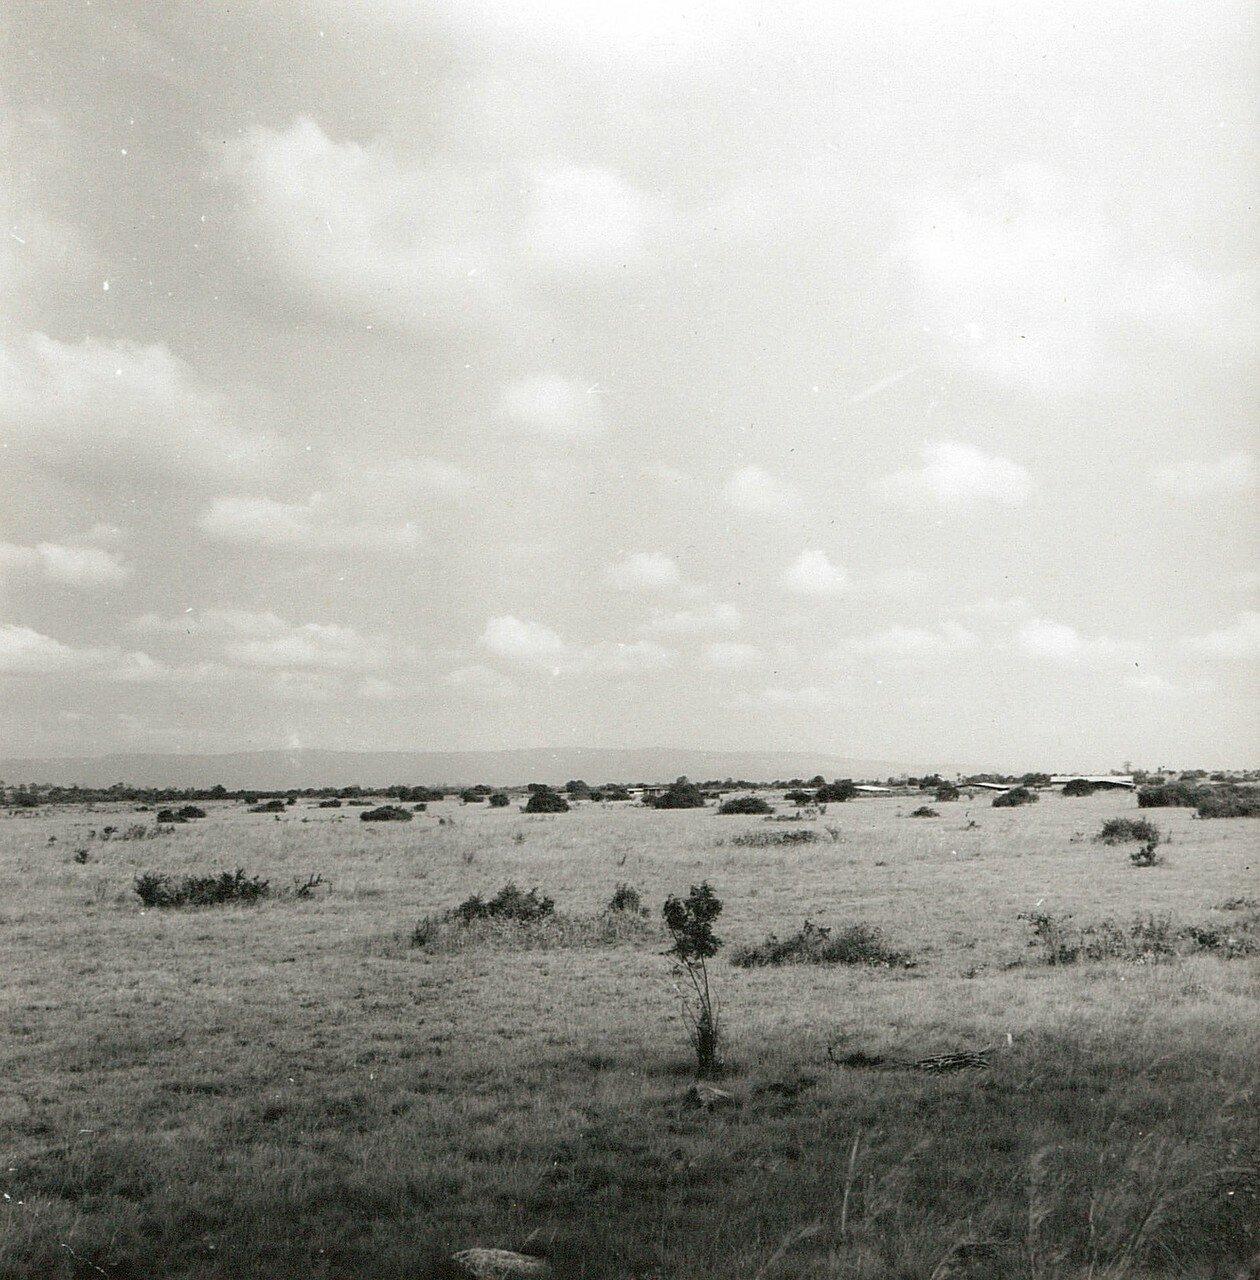 Гана. Засушливая саванна на плато Кваху